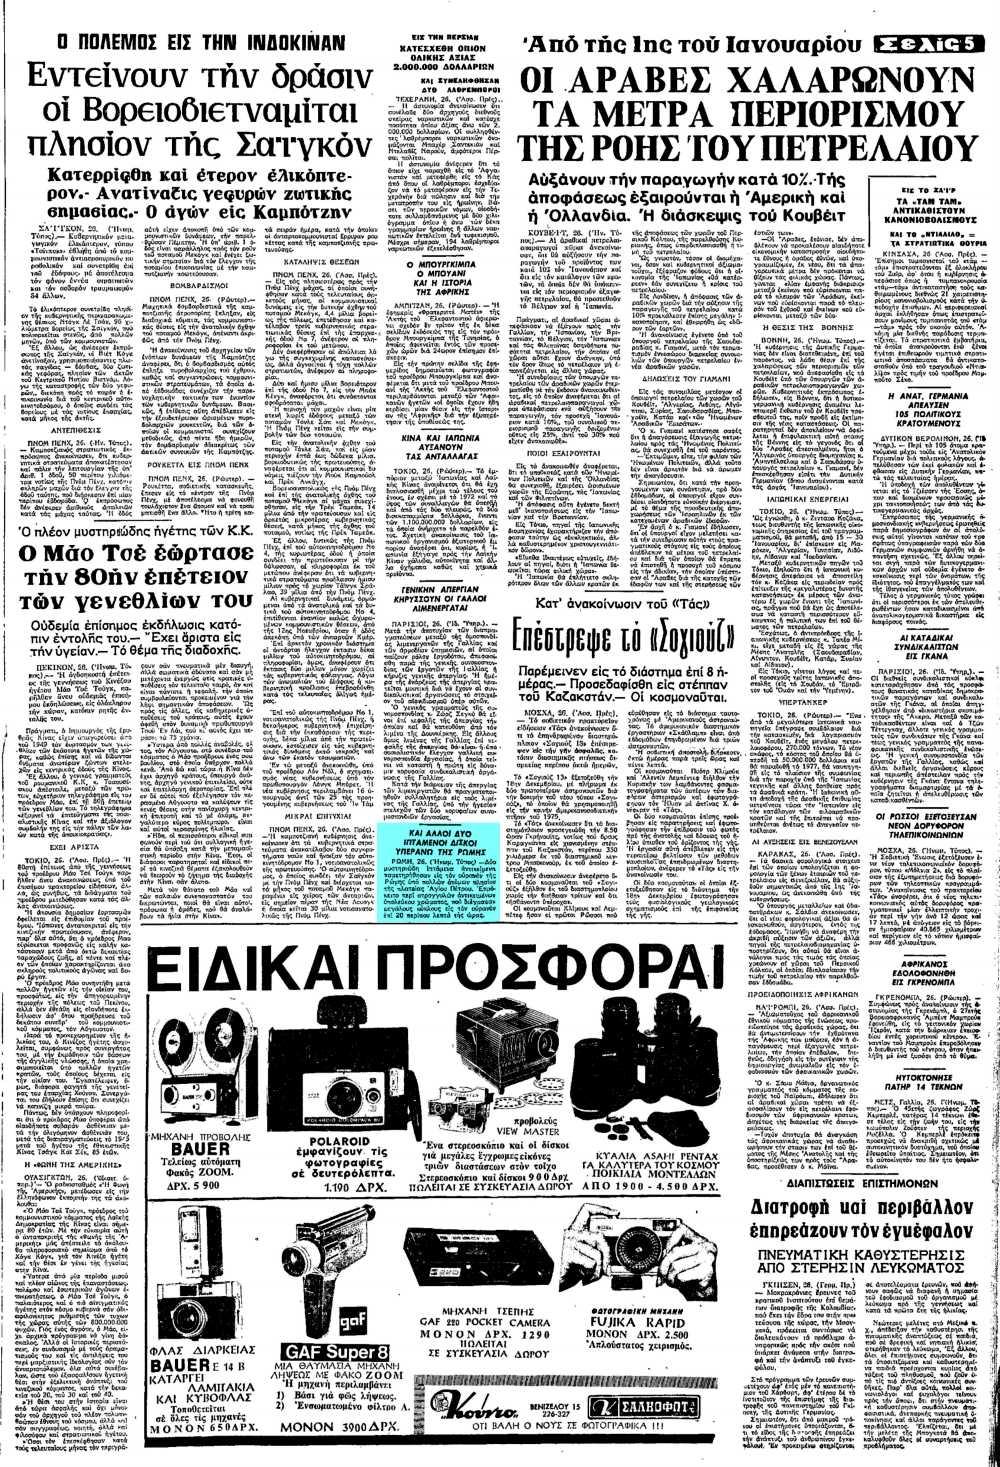 """Το άρθρο, όπως δημοσιεύθηκε στην εφημερίδα """"ΜΑΚΕΔΟΝΙΑ"""", στις 27/12/1973"""